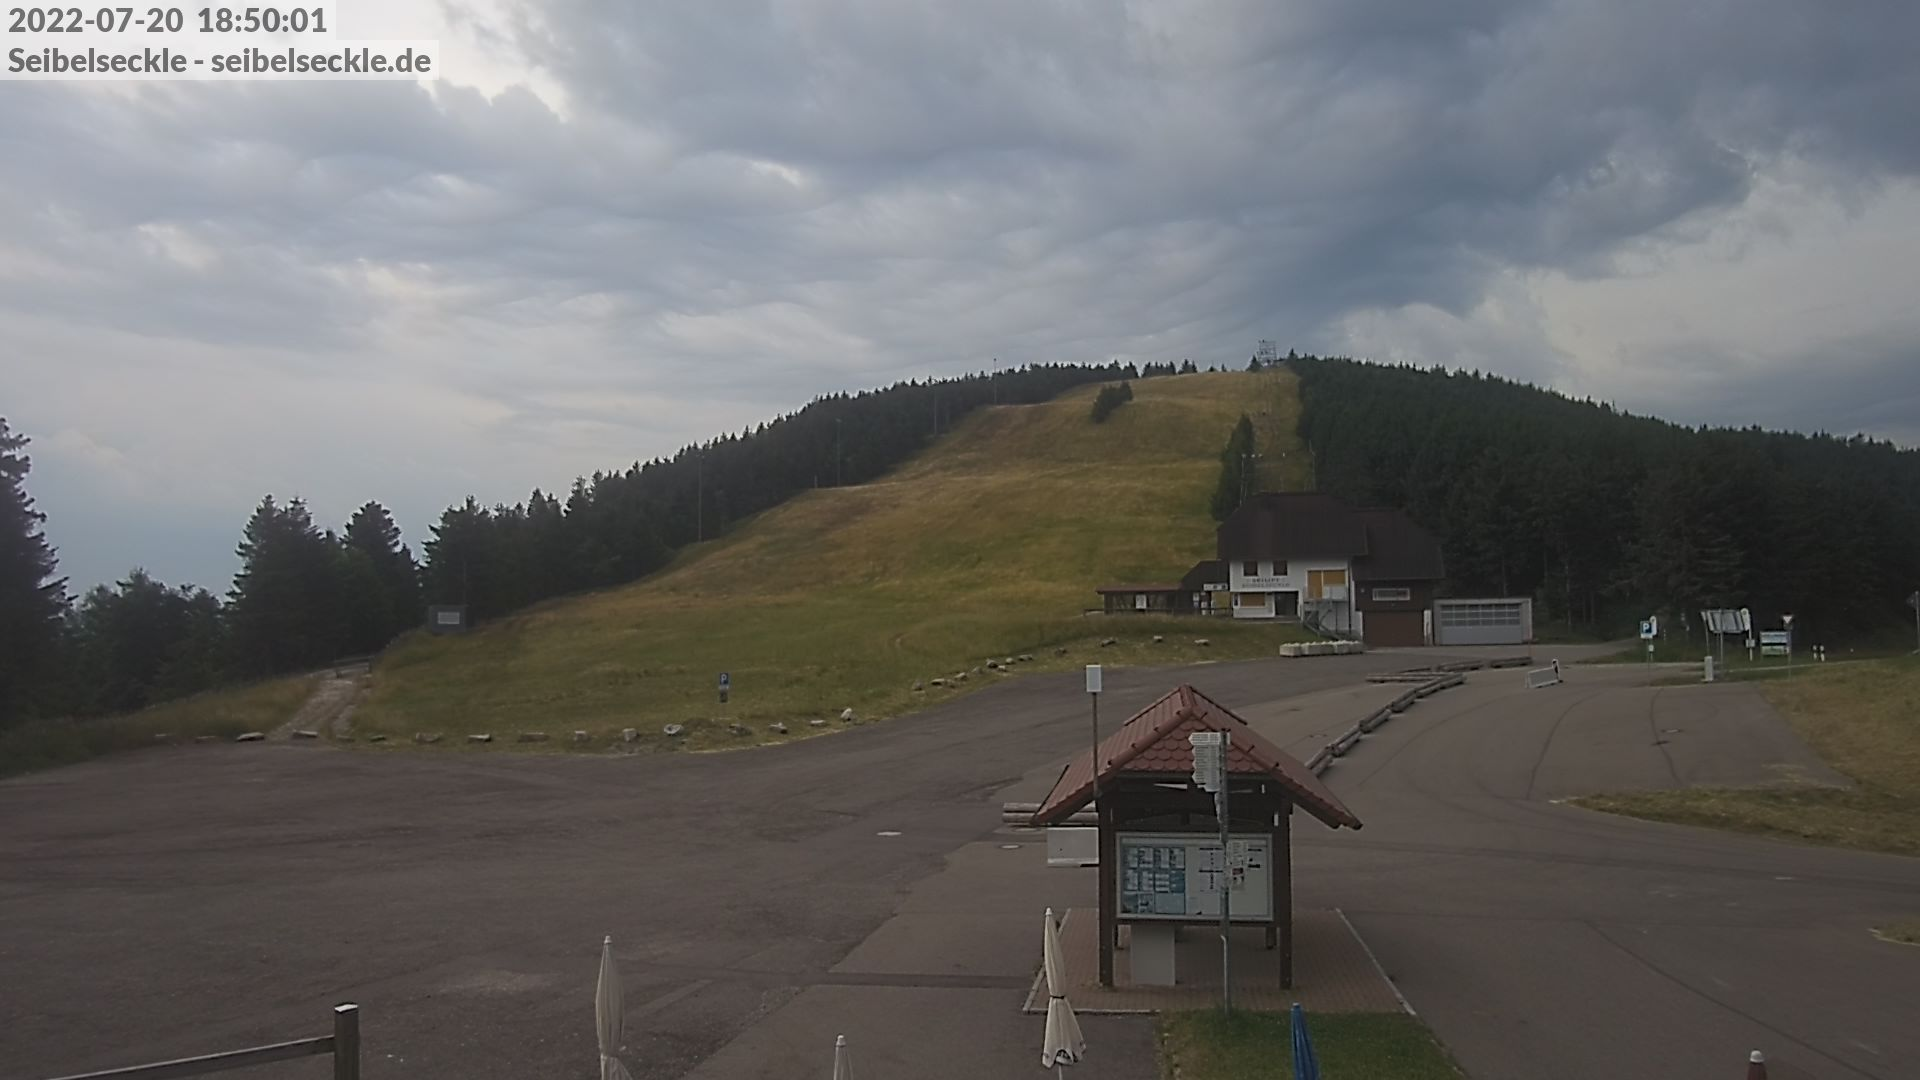 Webcam am Skilift Seibelseckle im Schwarzwald